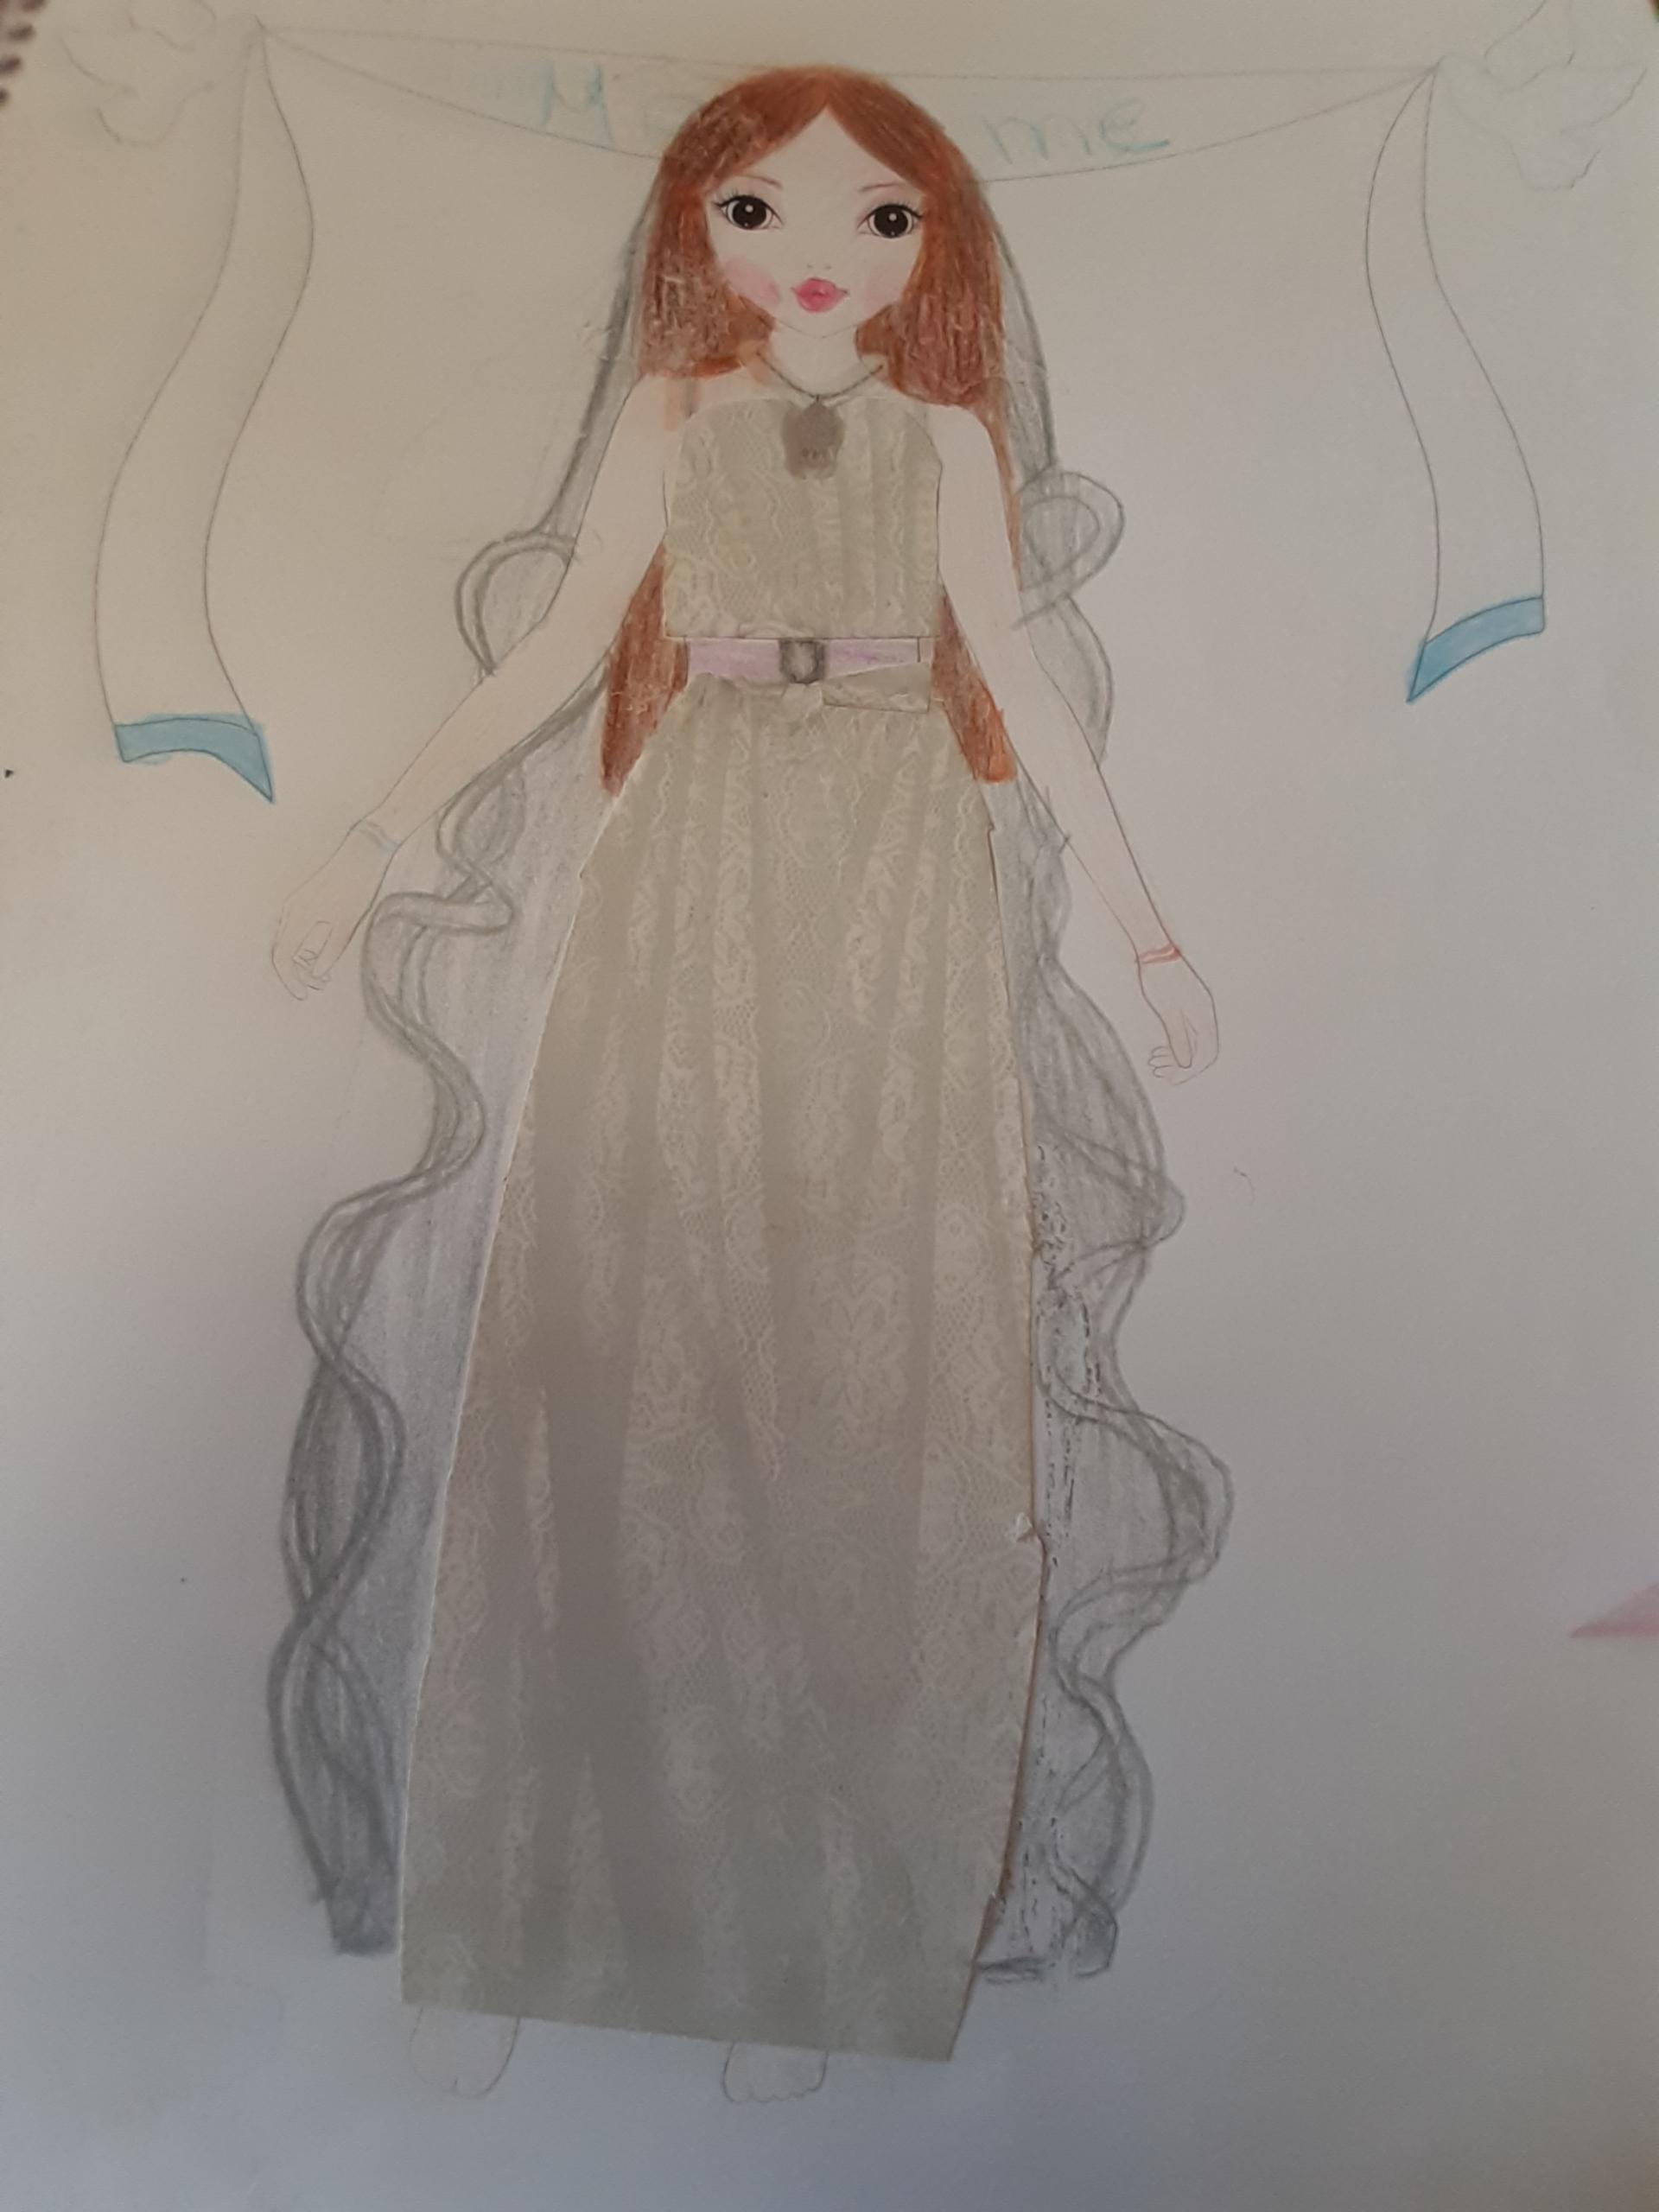 Jonna V., 7 Jahre, aus Frankfurt a.M.